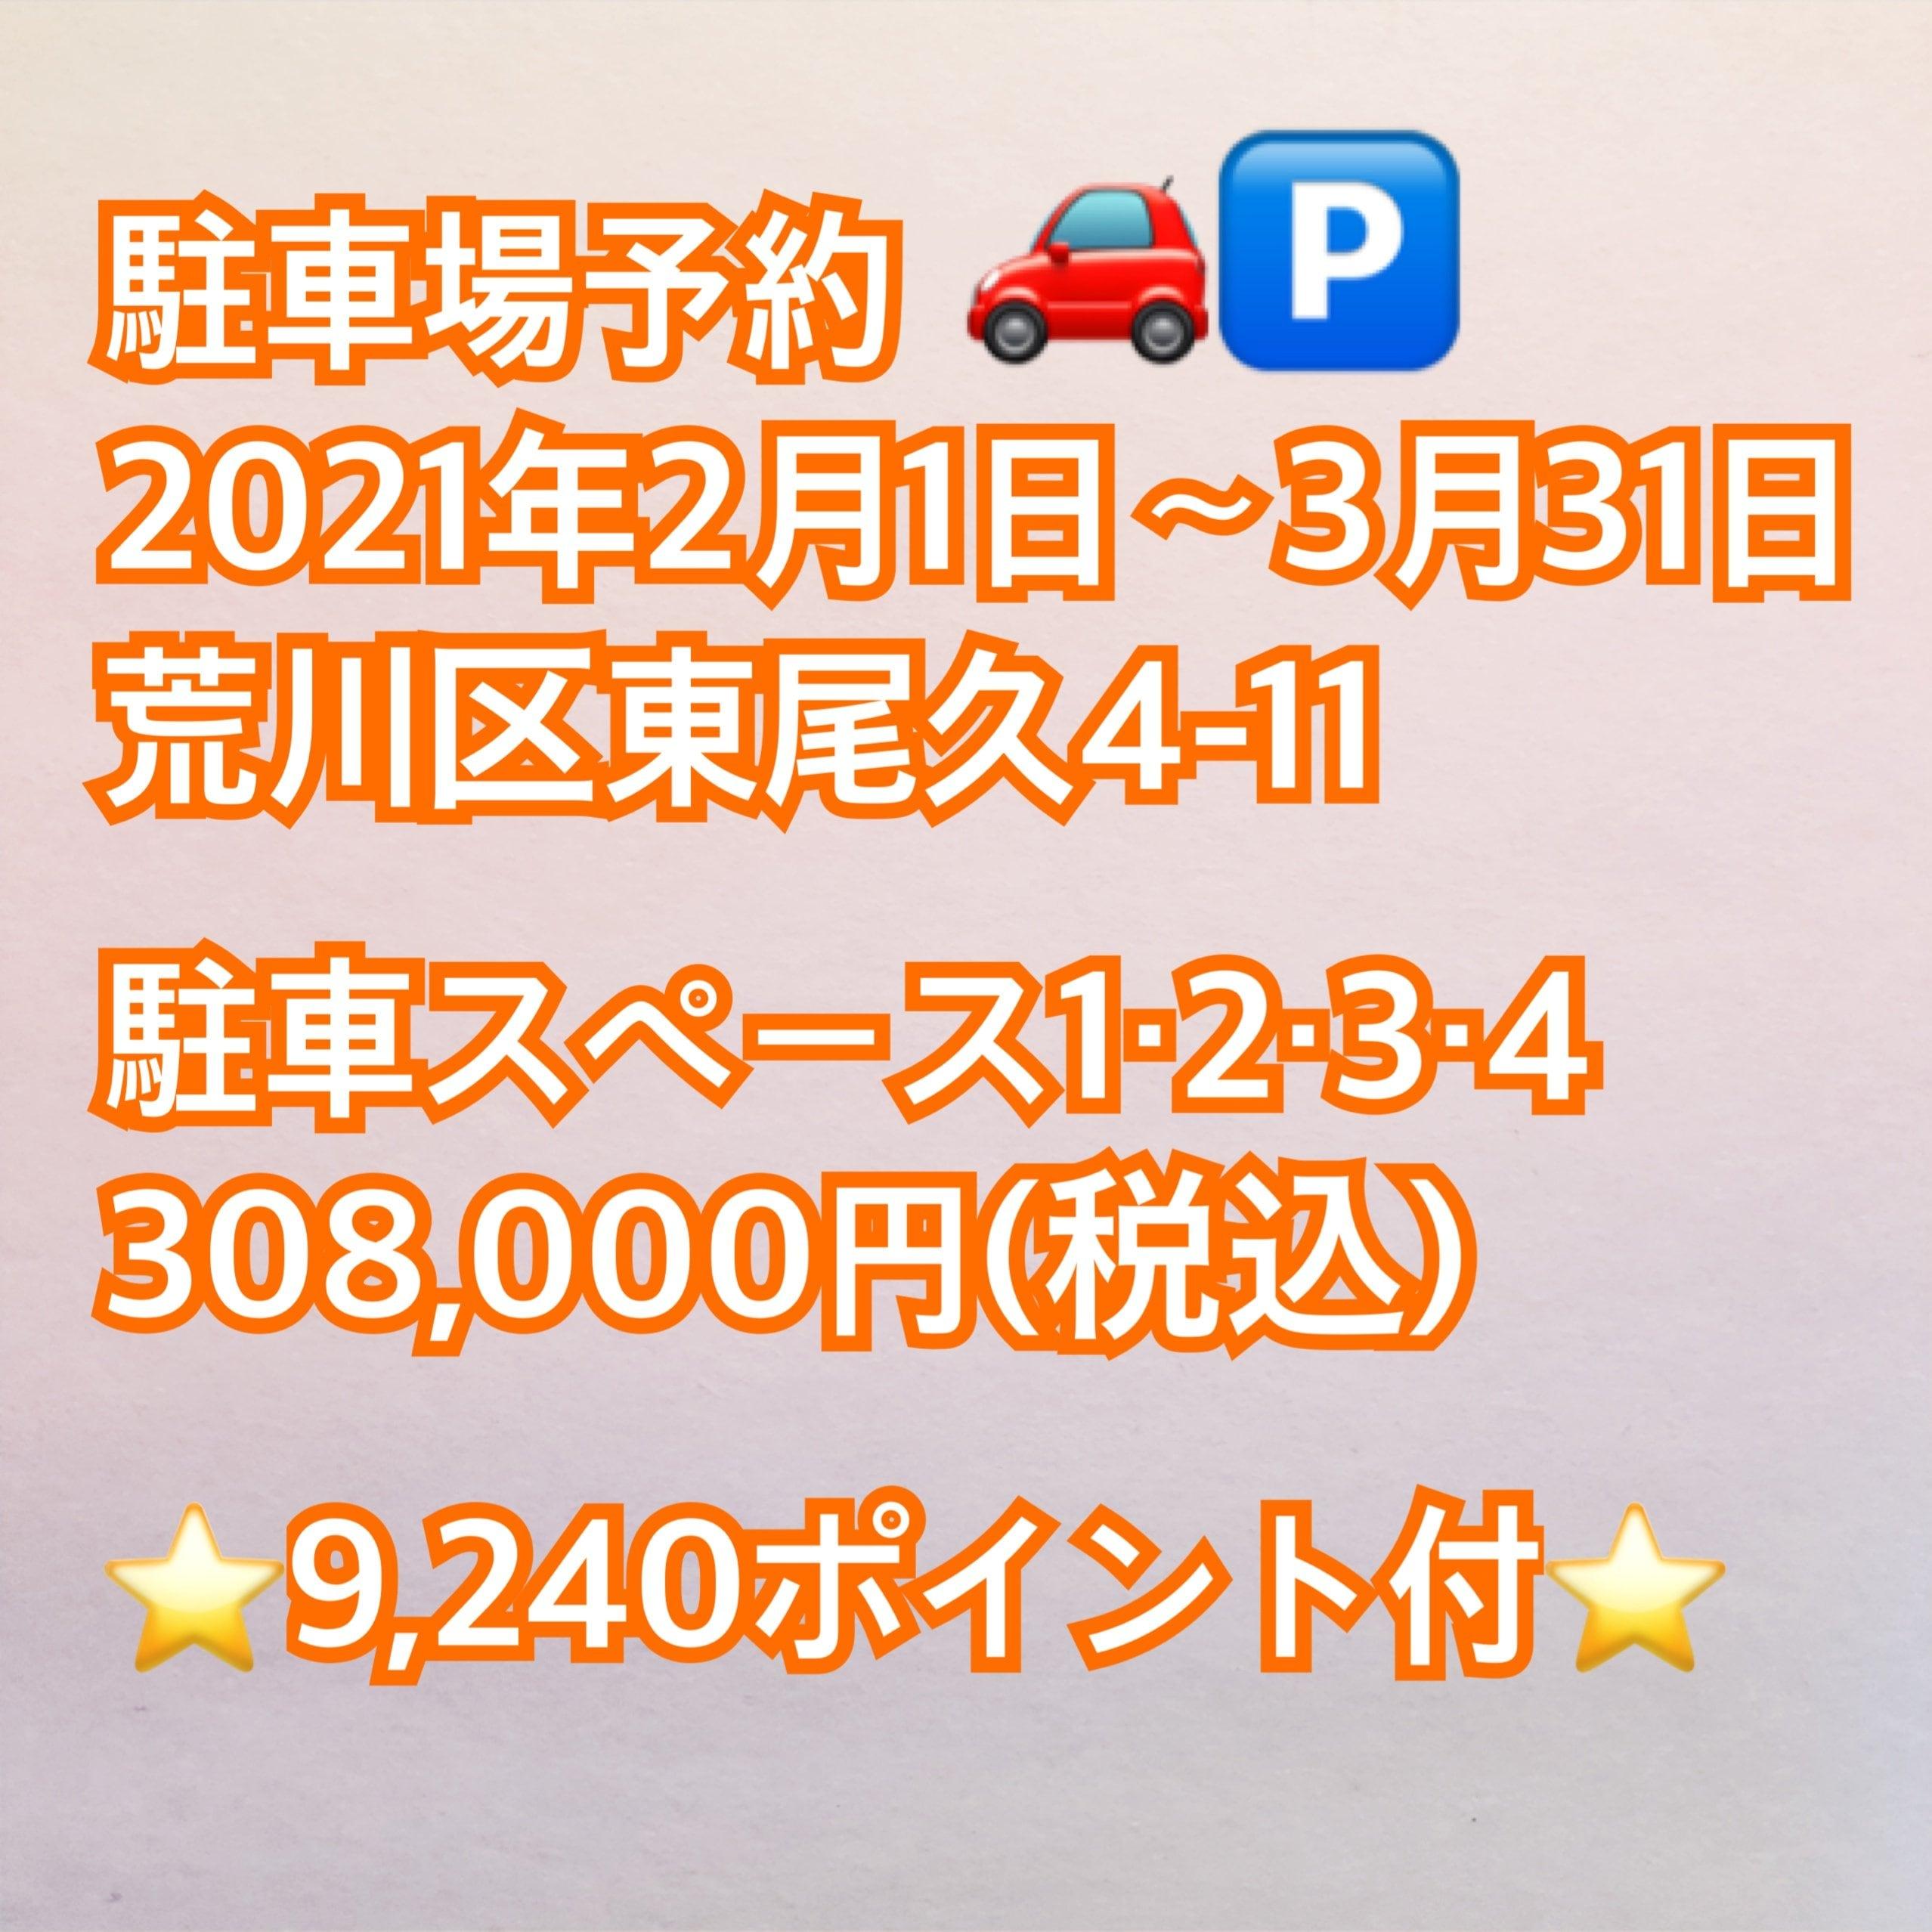 駐車場予約:東京都荒川区東尾久4-11 【2021年2月1日〜3月31日】月極駐車場2ヶ月分を一括払い専用(クレジット不可)のイメージその1